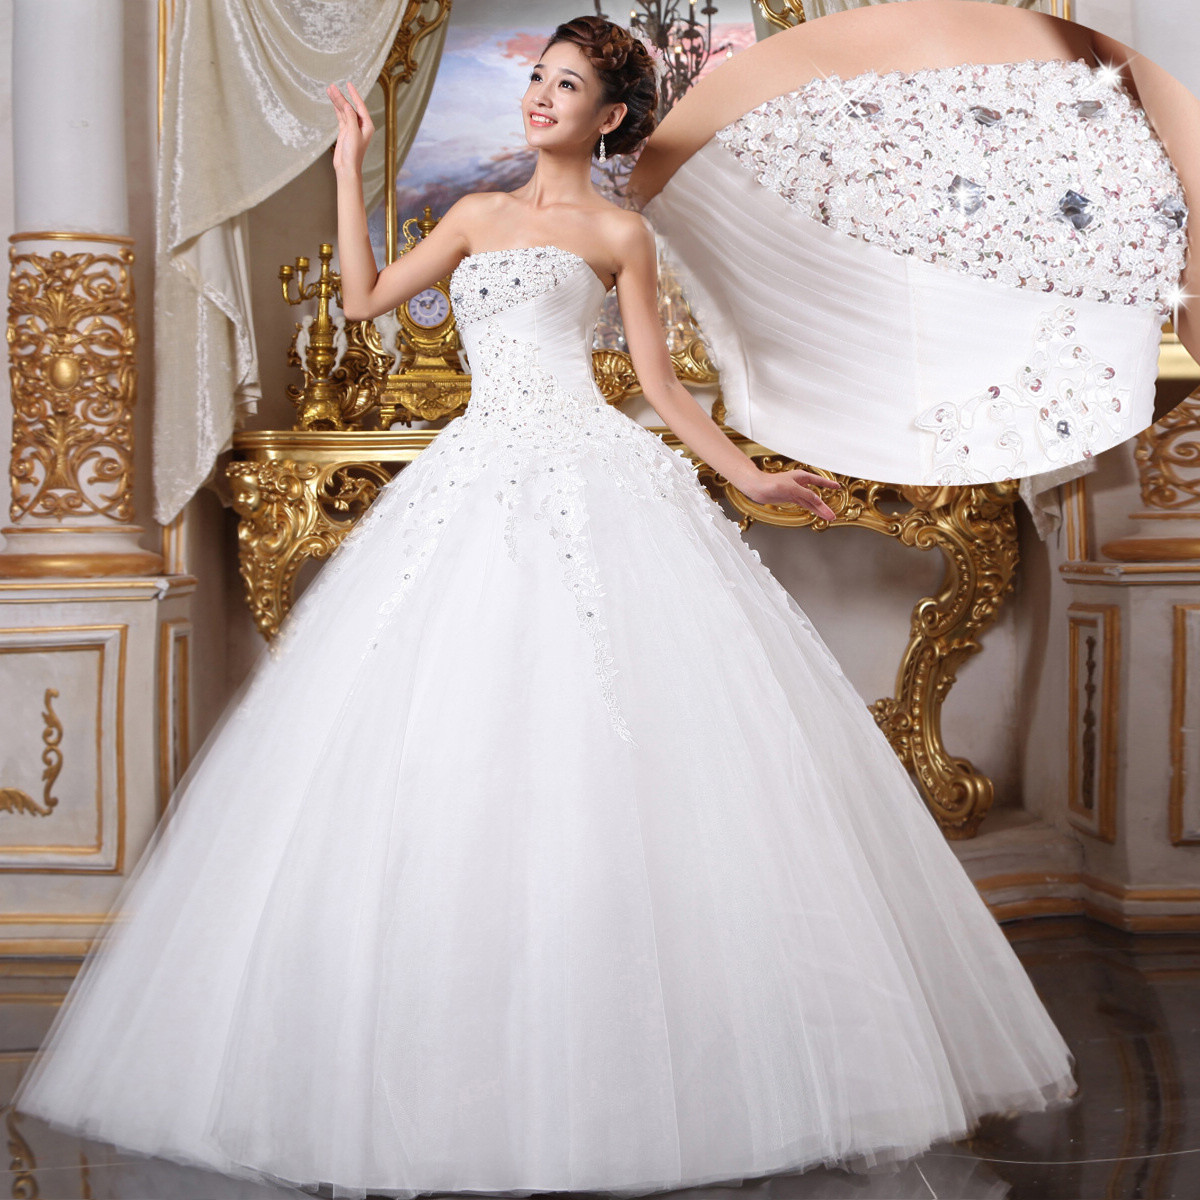 Hochzeitskleid Prinzessin Glitzer  Brautkleid Mit Spitze Und Tüll